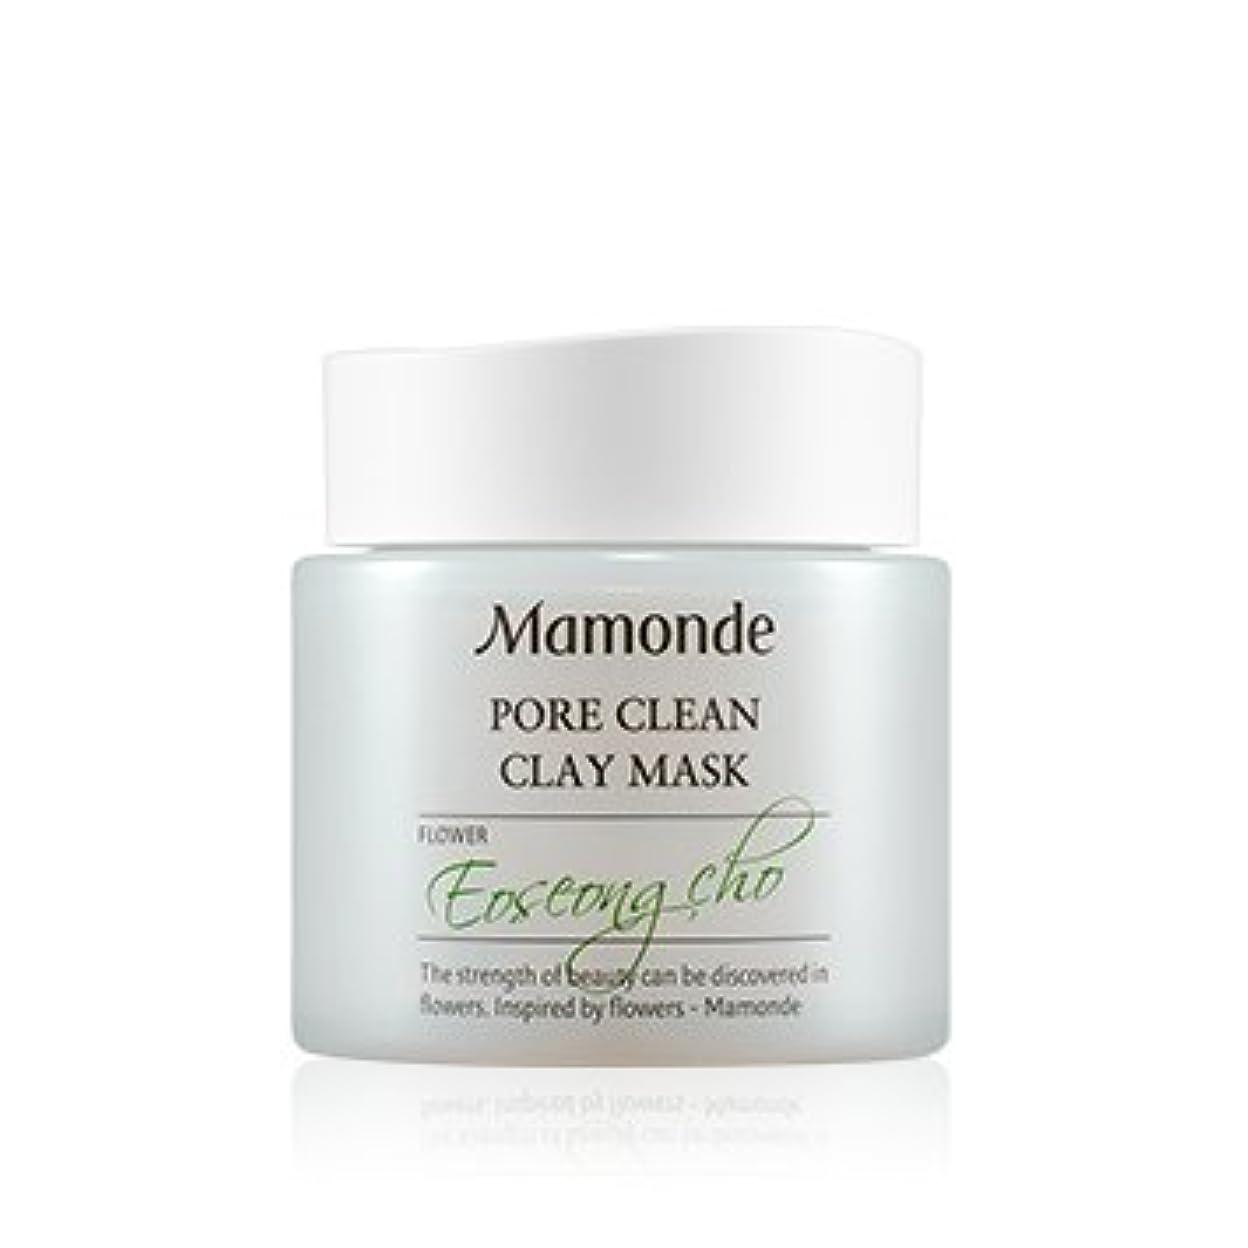 最後の機密ダニ[New] Mamonde Pore Clean Clay Mask 100ml/マモンド ポア クリーン クレイ マスク 100ml [並行輸入品]